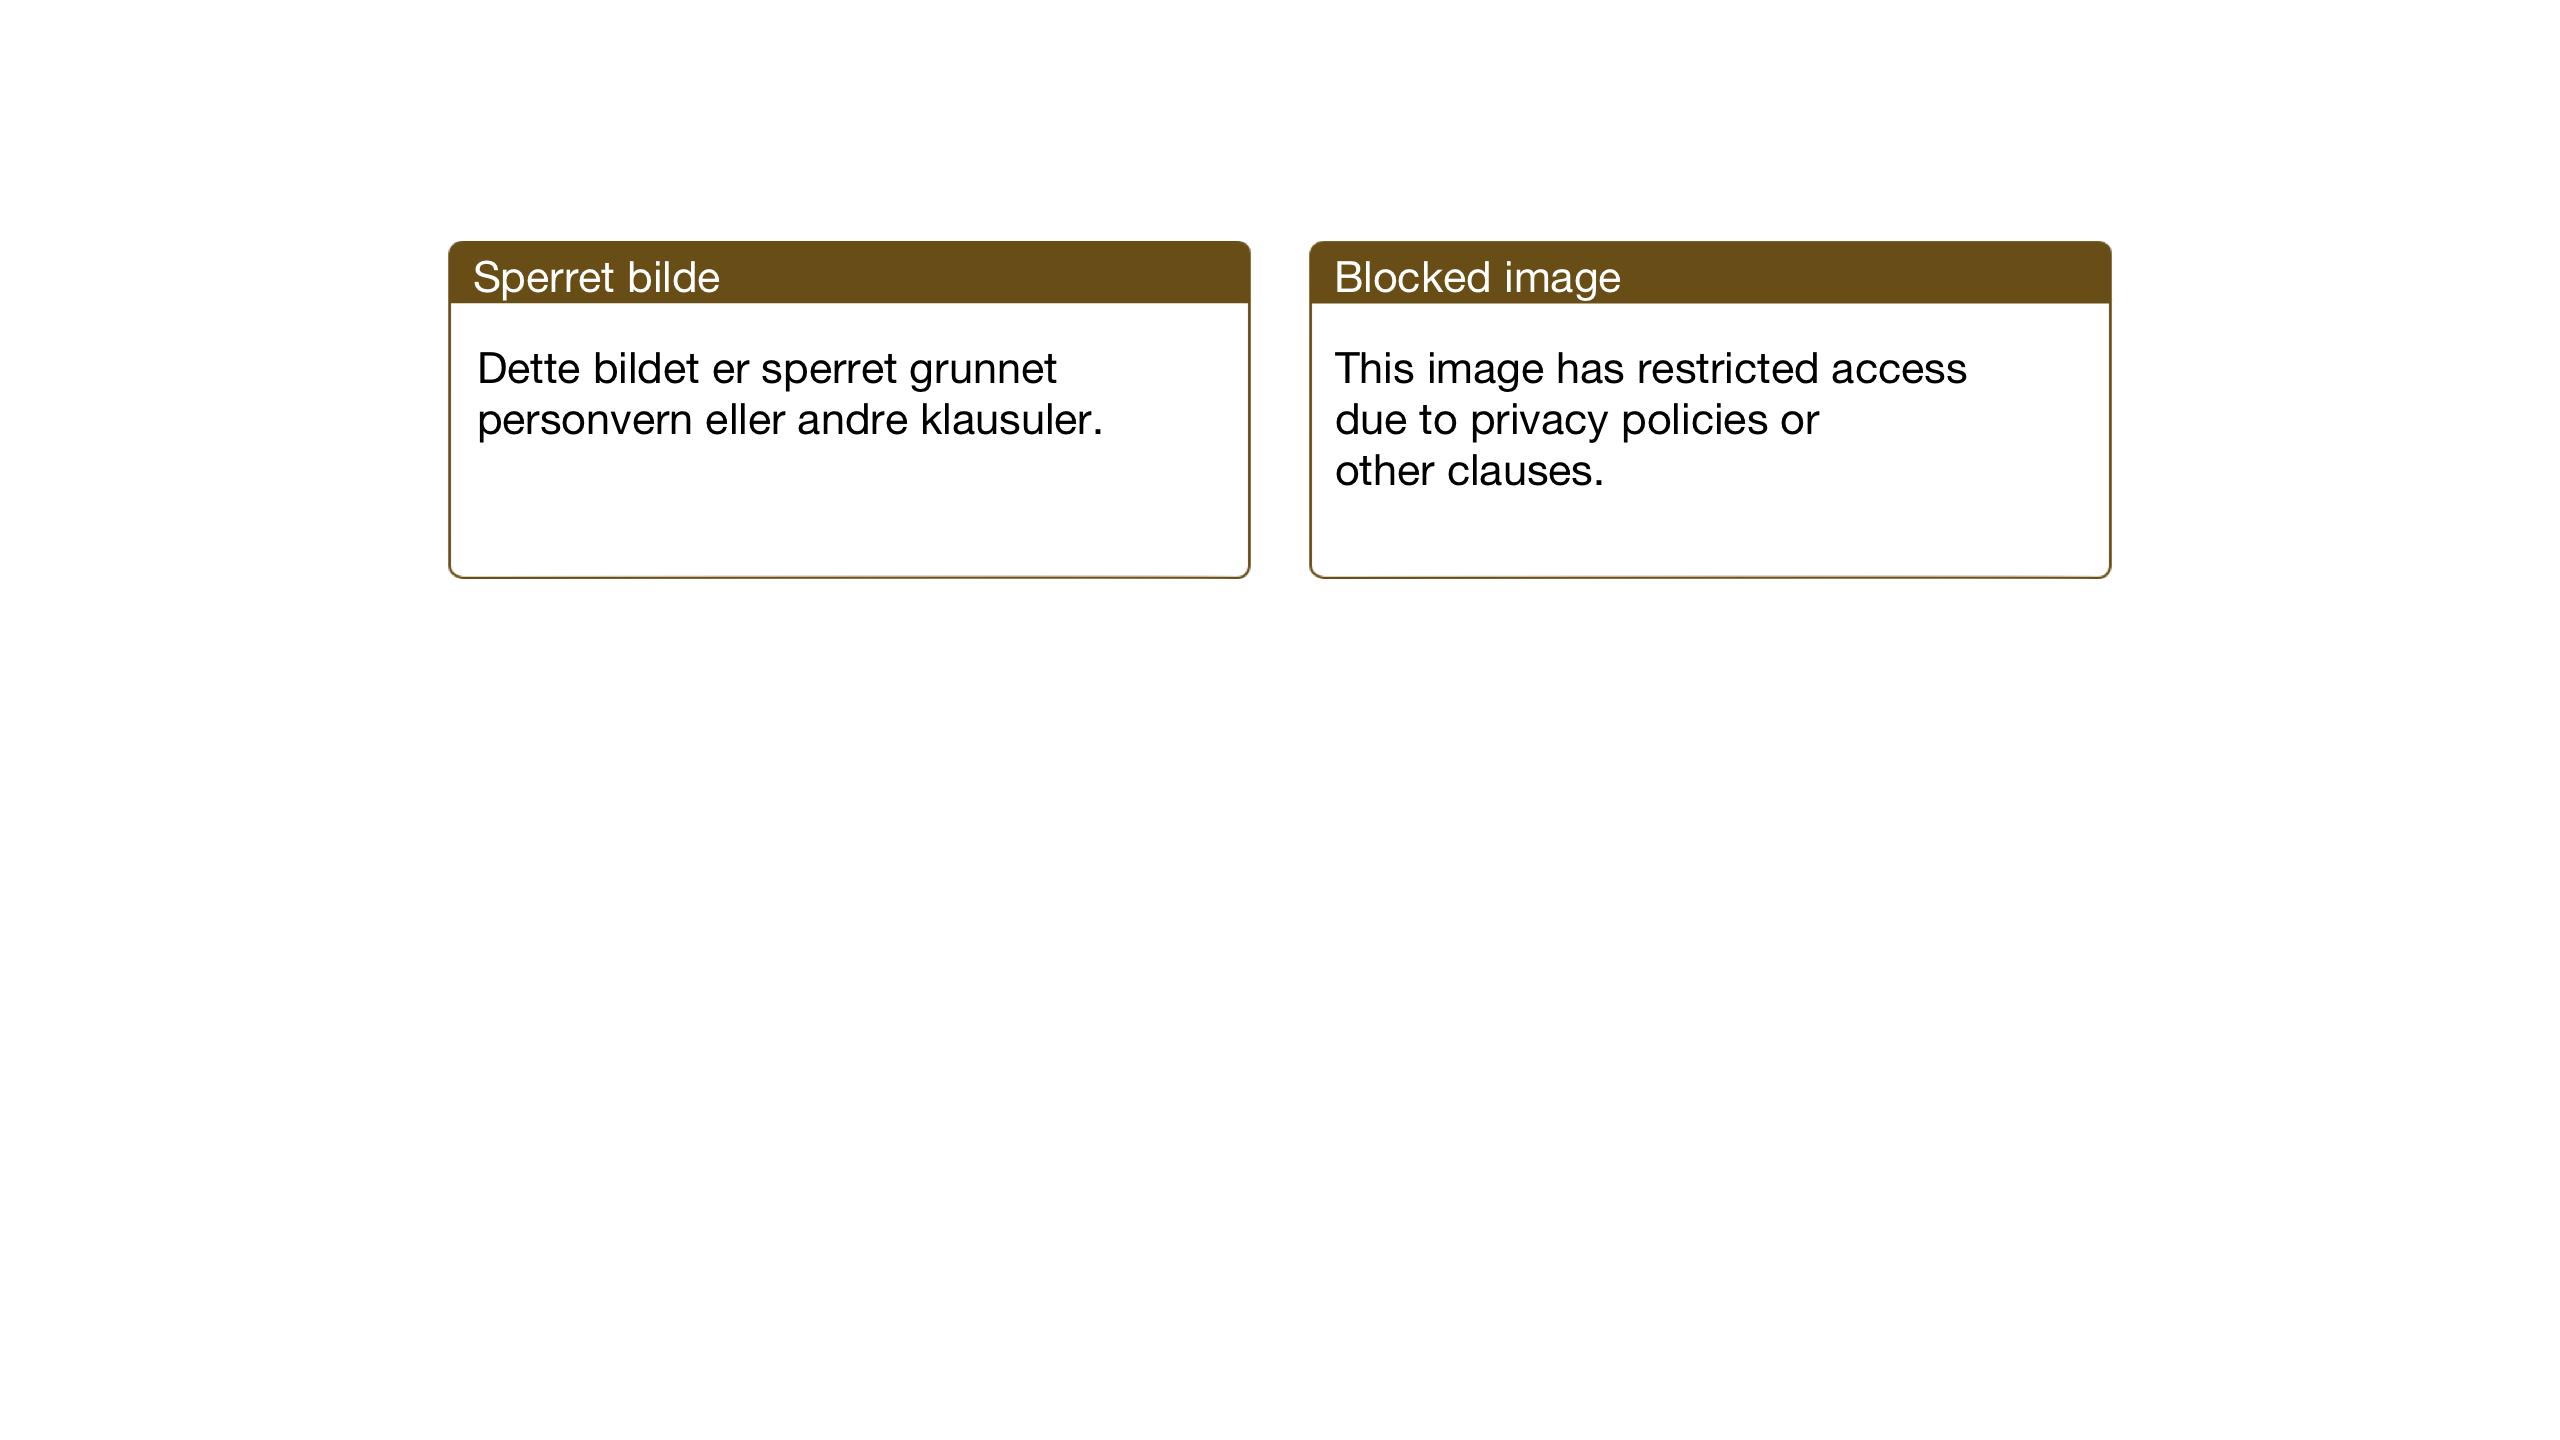 SAT, Ministerialprotokoller, klokkerbøker og fødselsregistre - Sør-Trøndelag, 605/L0264: Klokkerbok nr. 605C11, 1942-1949, s. 32